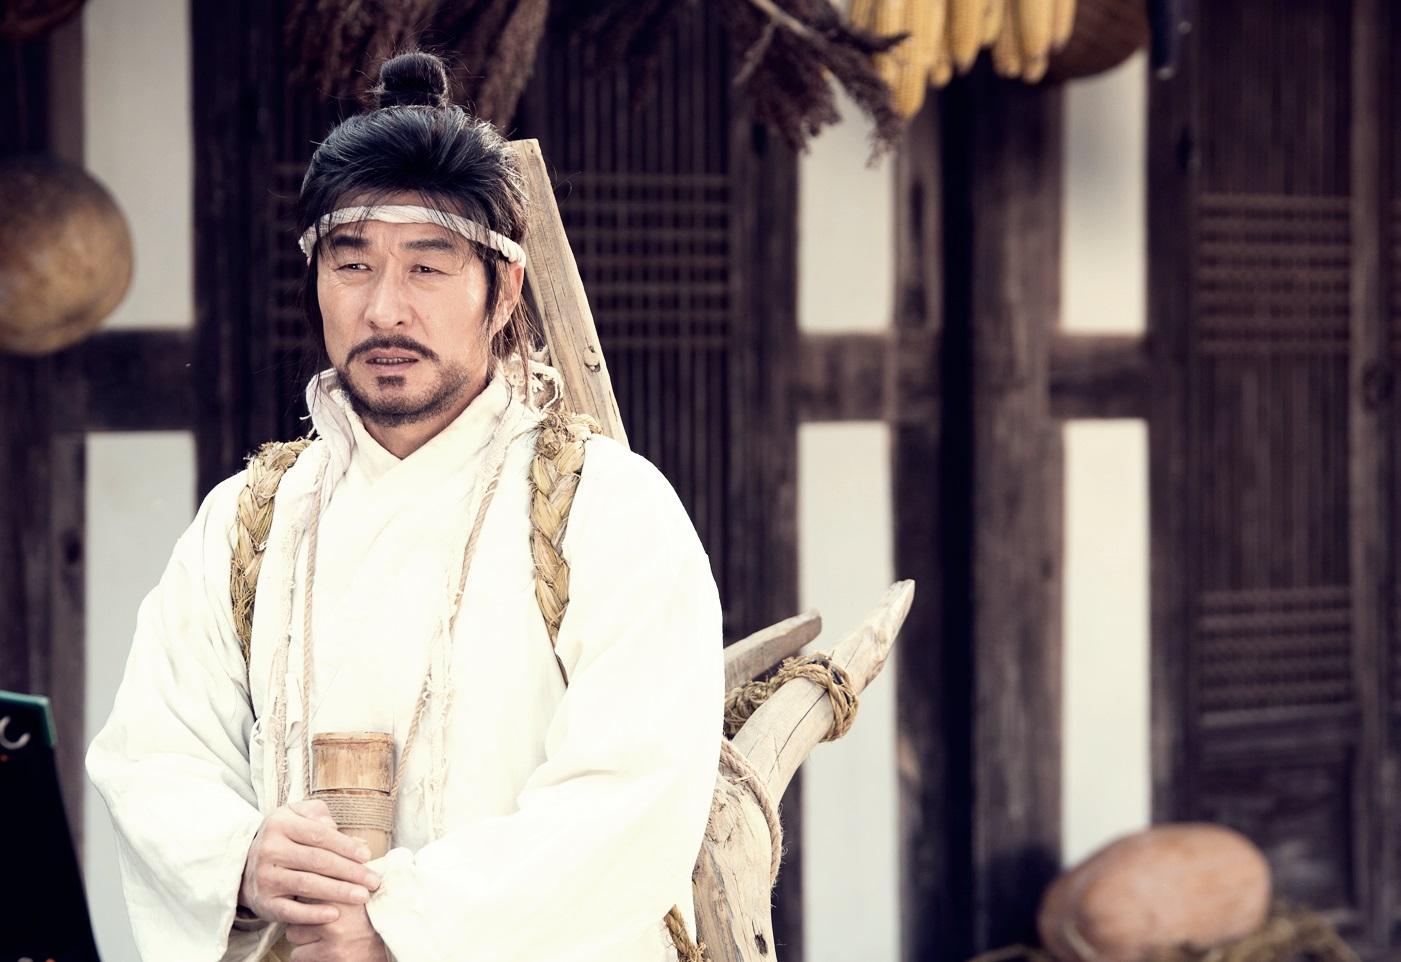 김상중, 시청자 잡으러 온 난세의 구원자…'스틸컷 공개' <역적:백성을 훔친 도적>  이미지-1